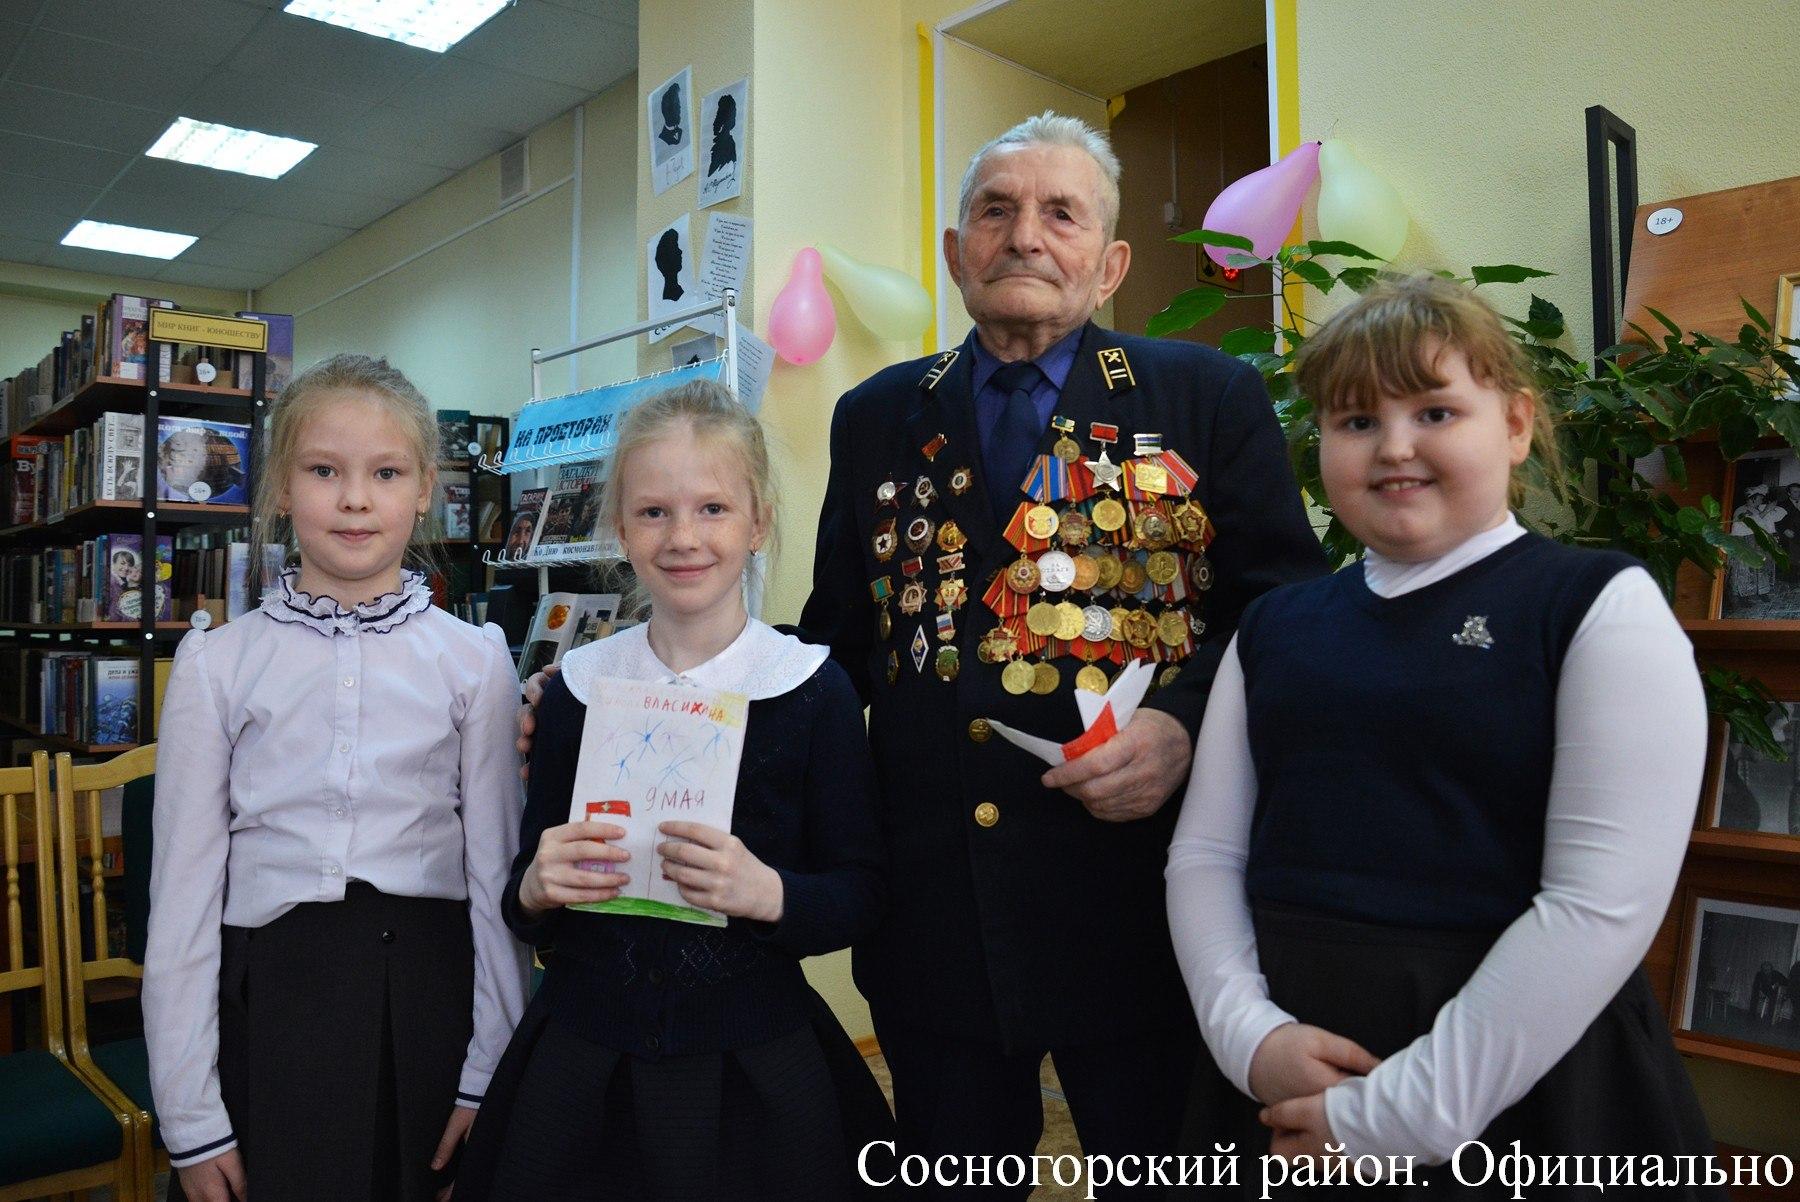 Vstrecha-s-Mihailom-Ivanovichem-Syrokvaschei-05.jpg